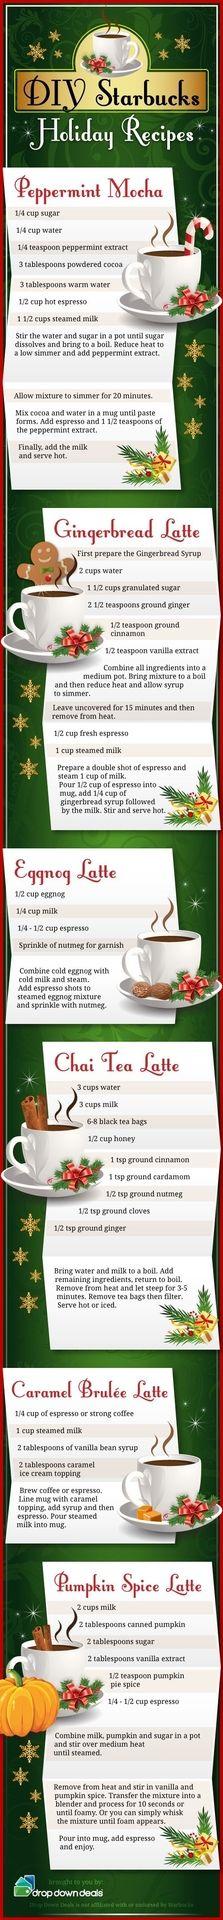 DIY Starbucks Holiday Recipes